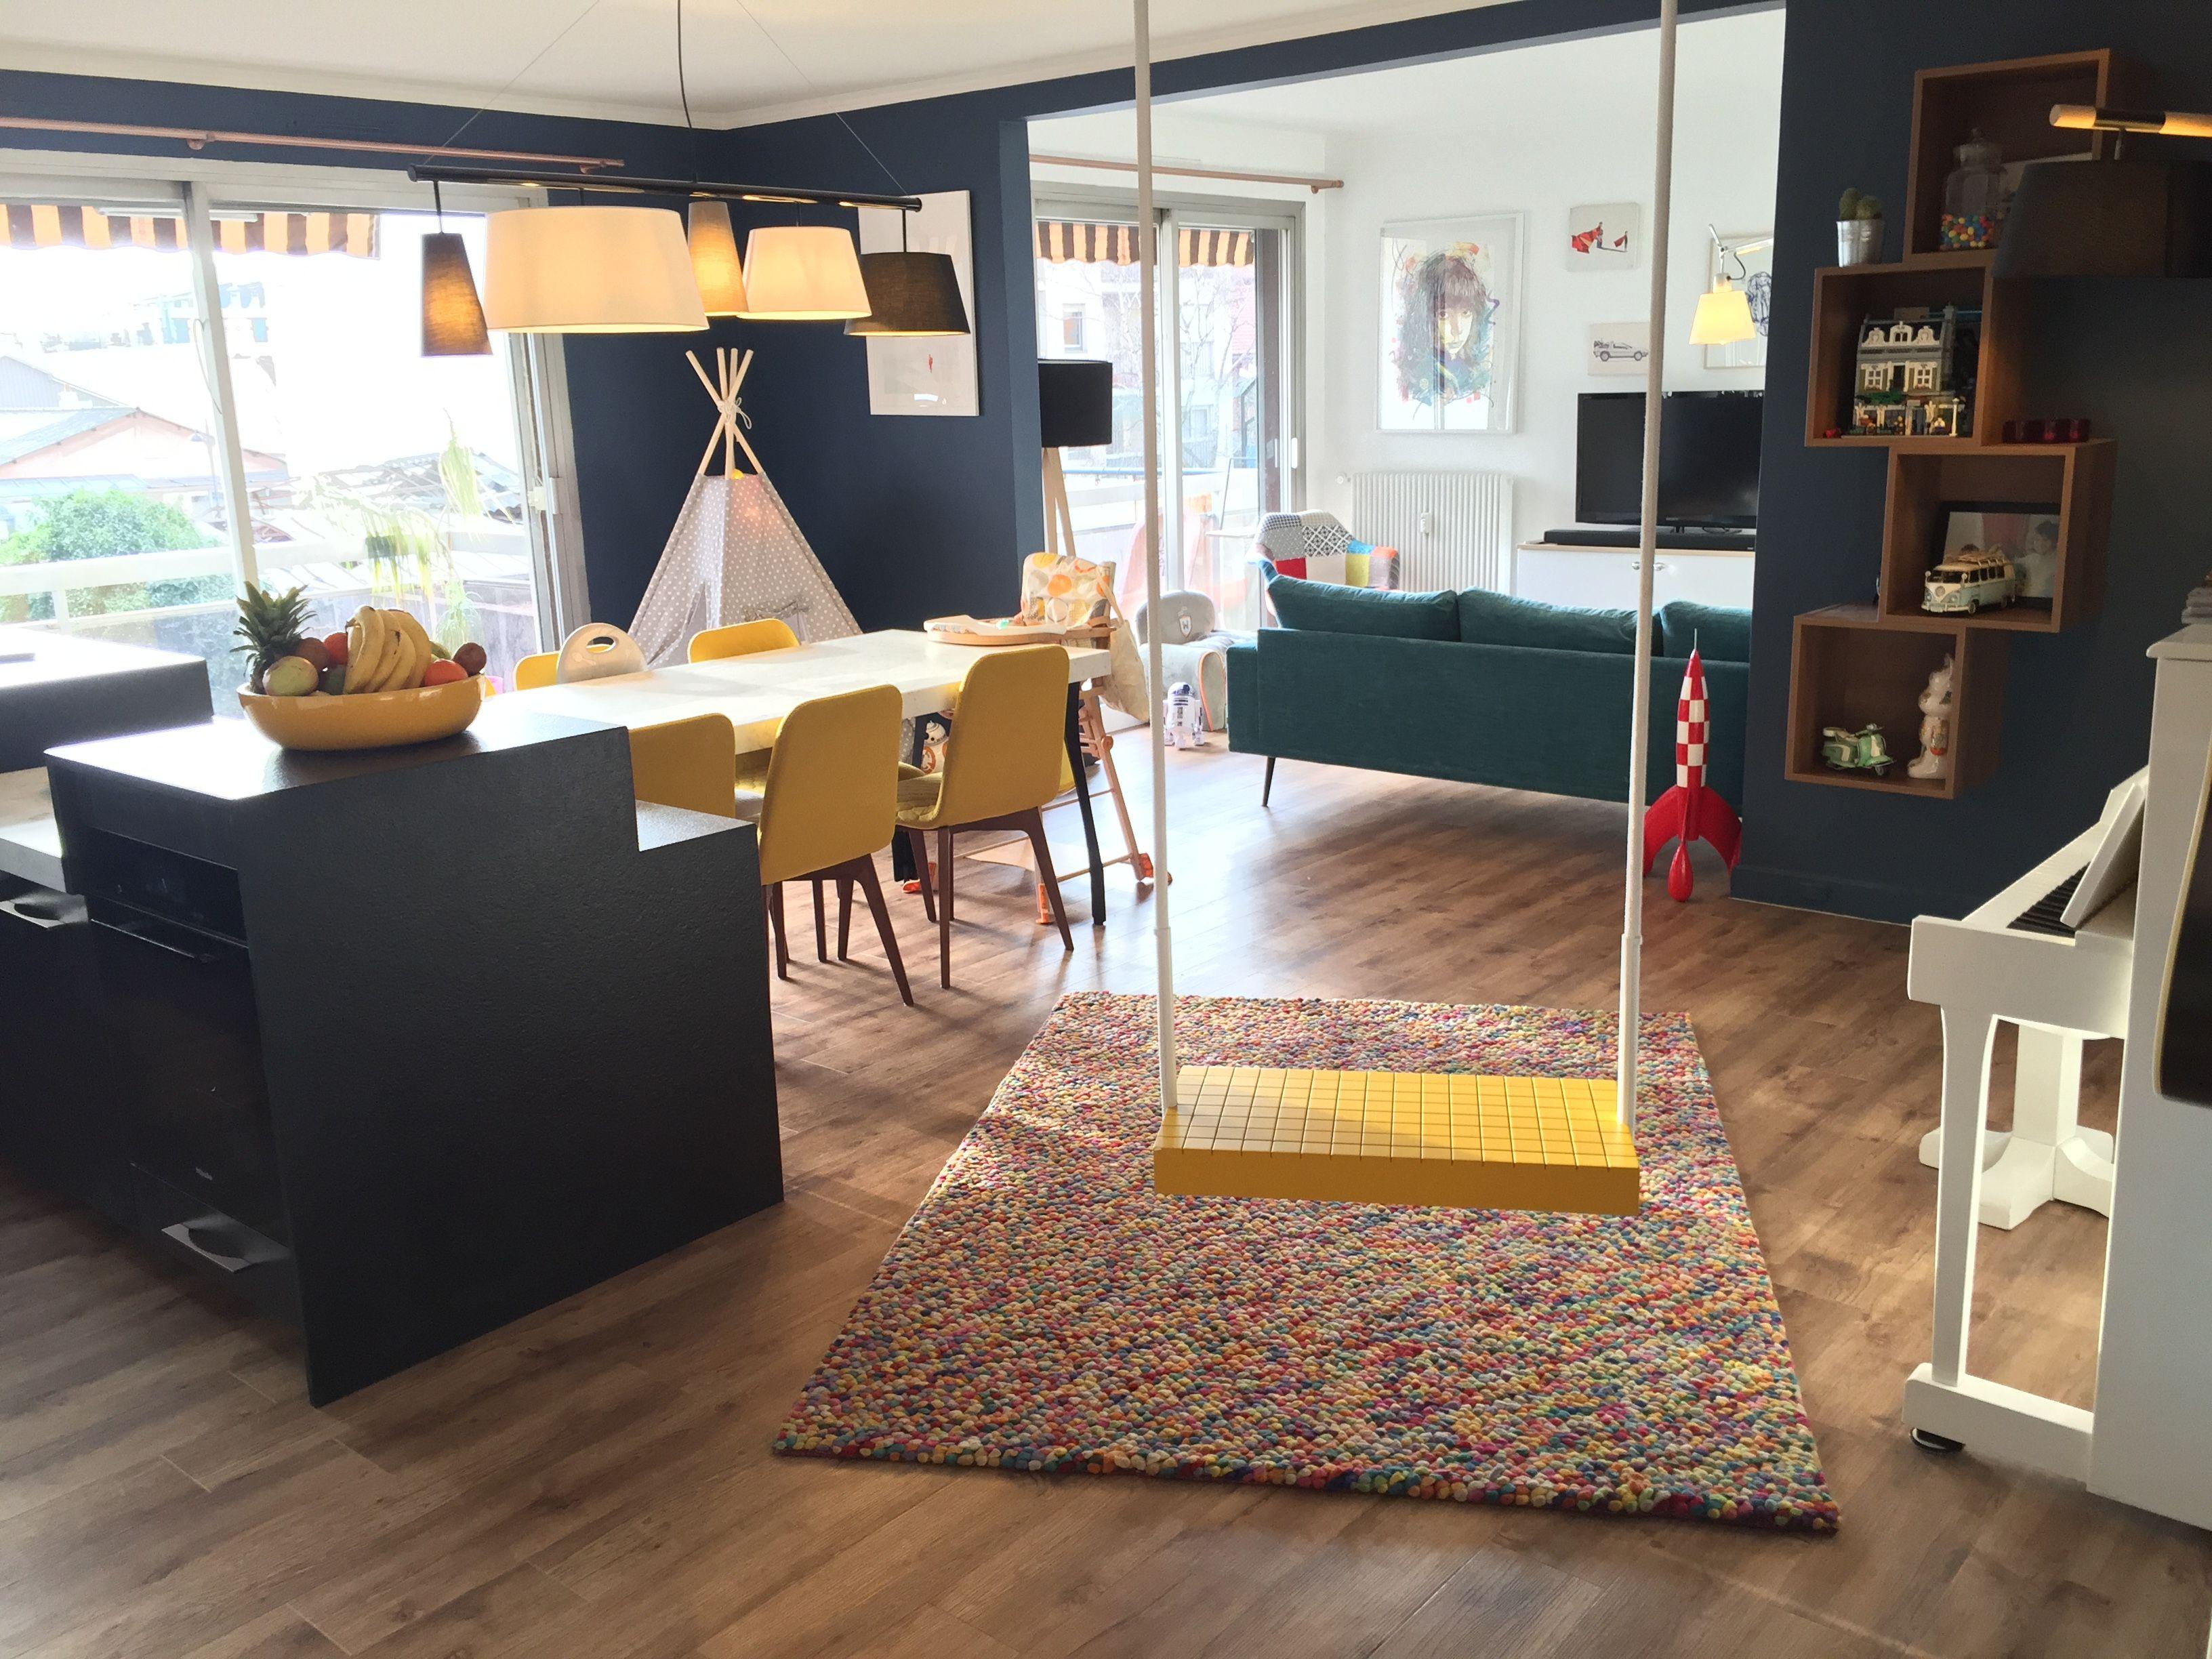 Modele Salle De Bain Perene ~ salle de bain perene prix top prix top design photo cuisine design